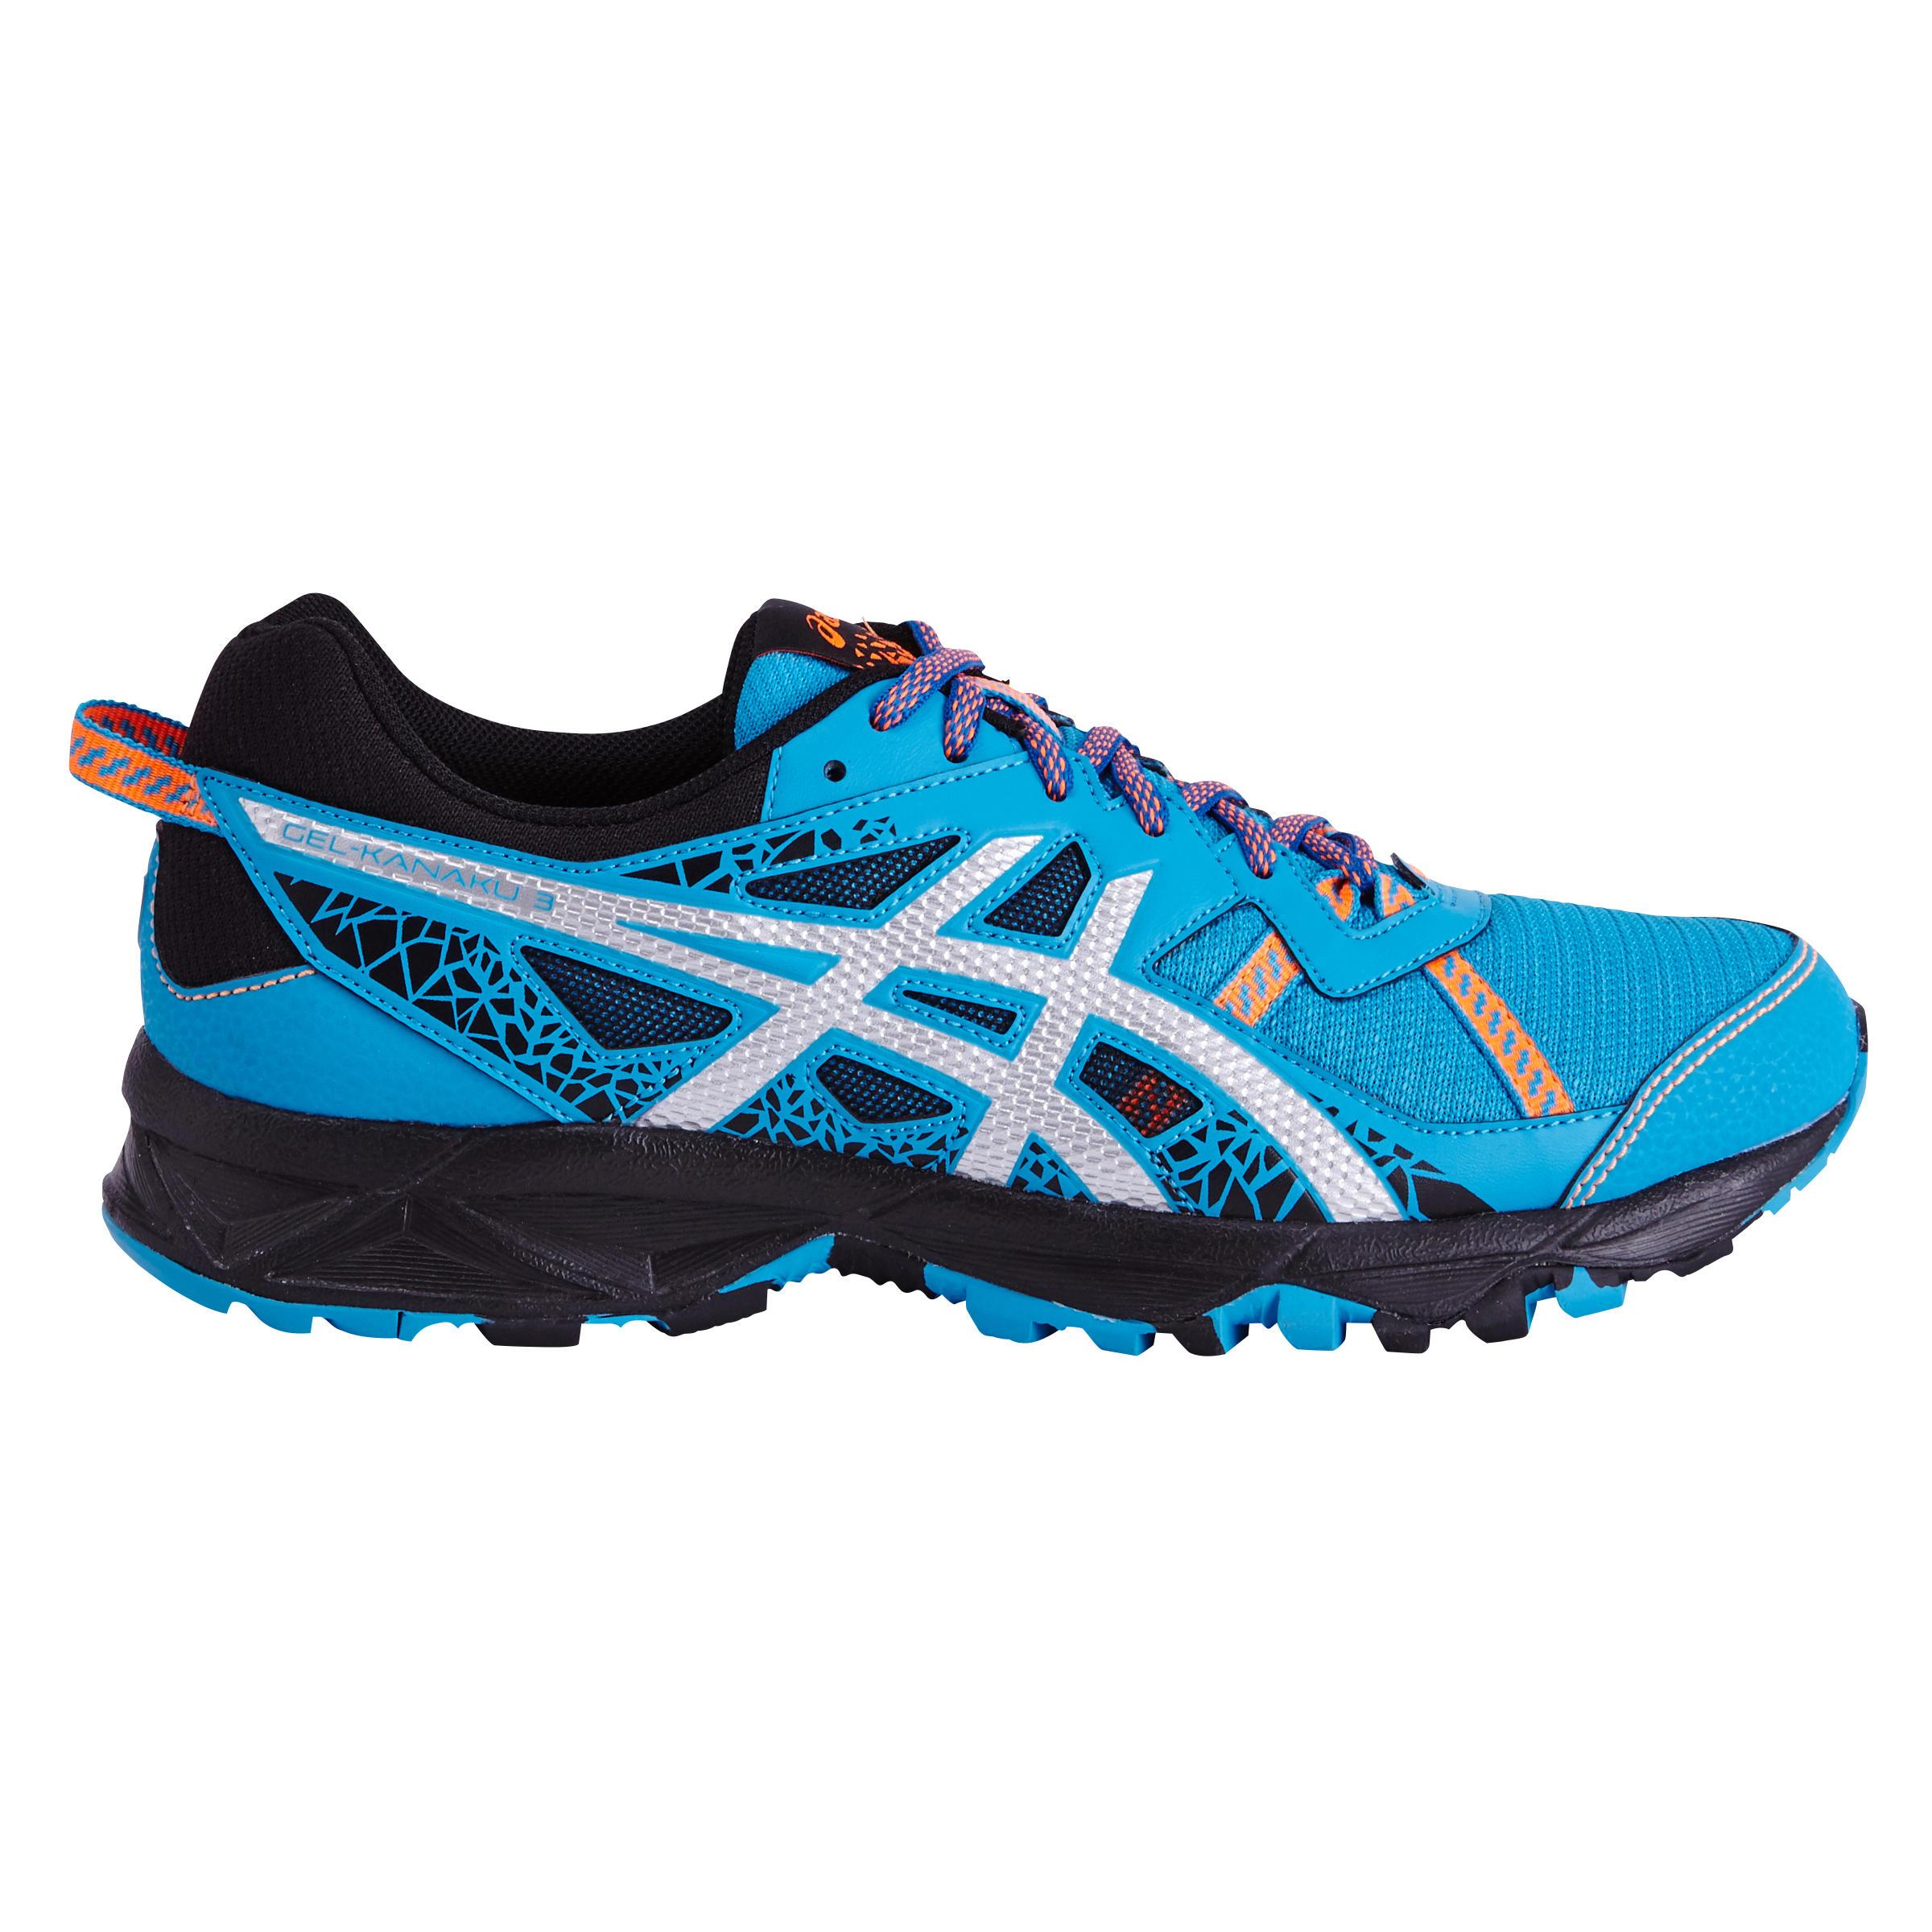 Asics Trailschoenen voor heren Asics Gel Kanaku 3 blauw